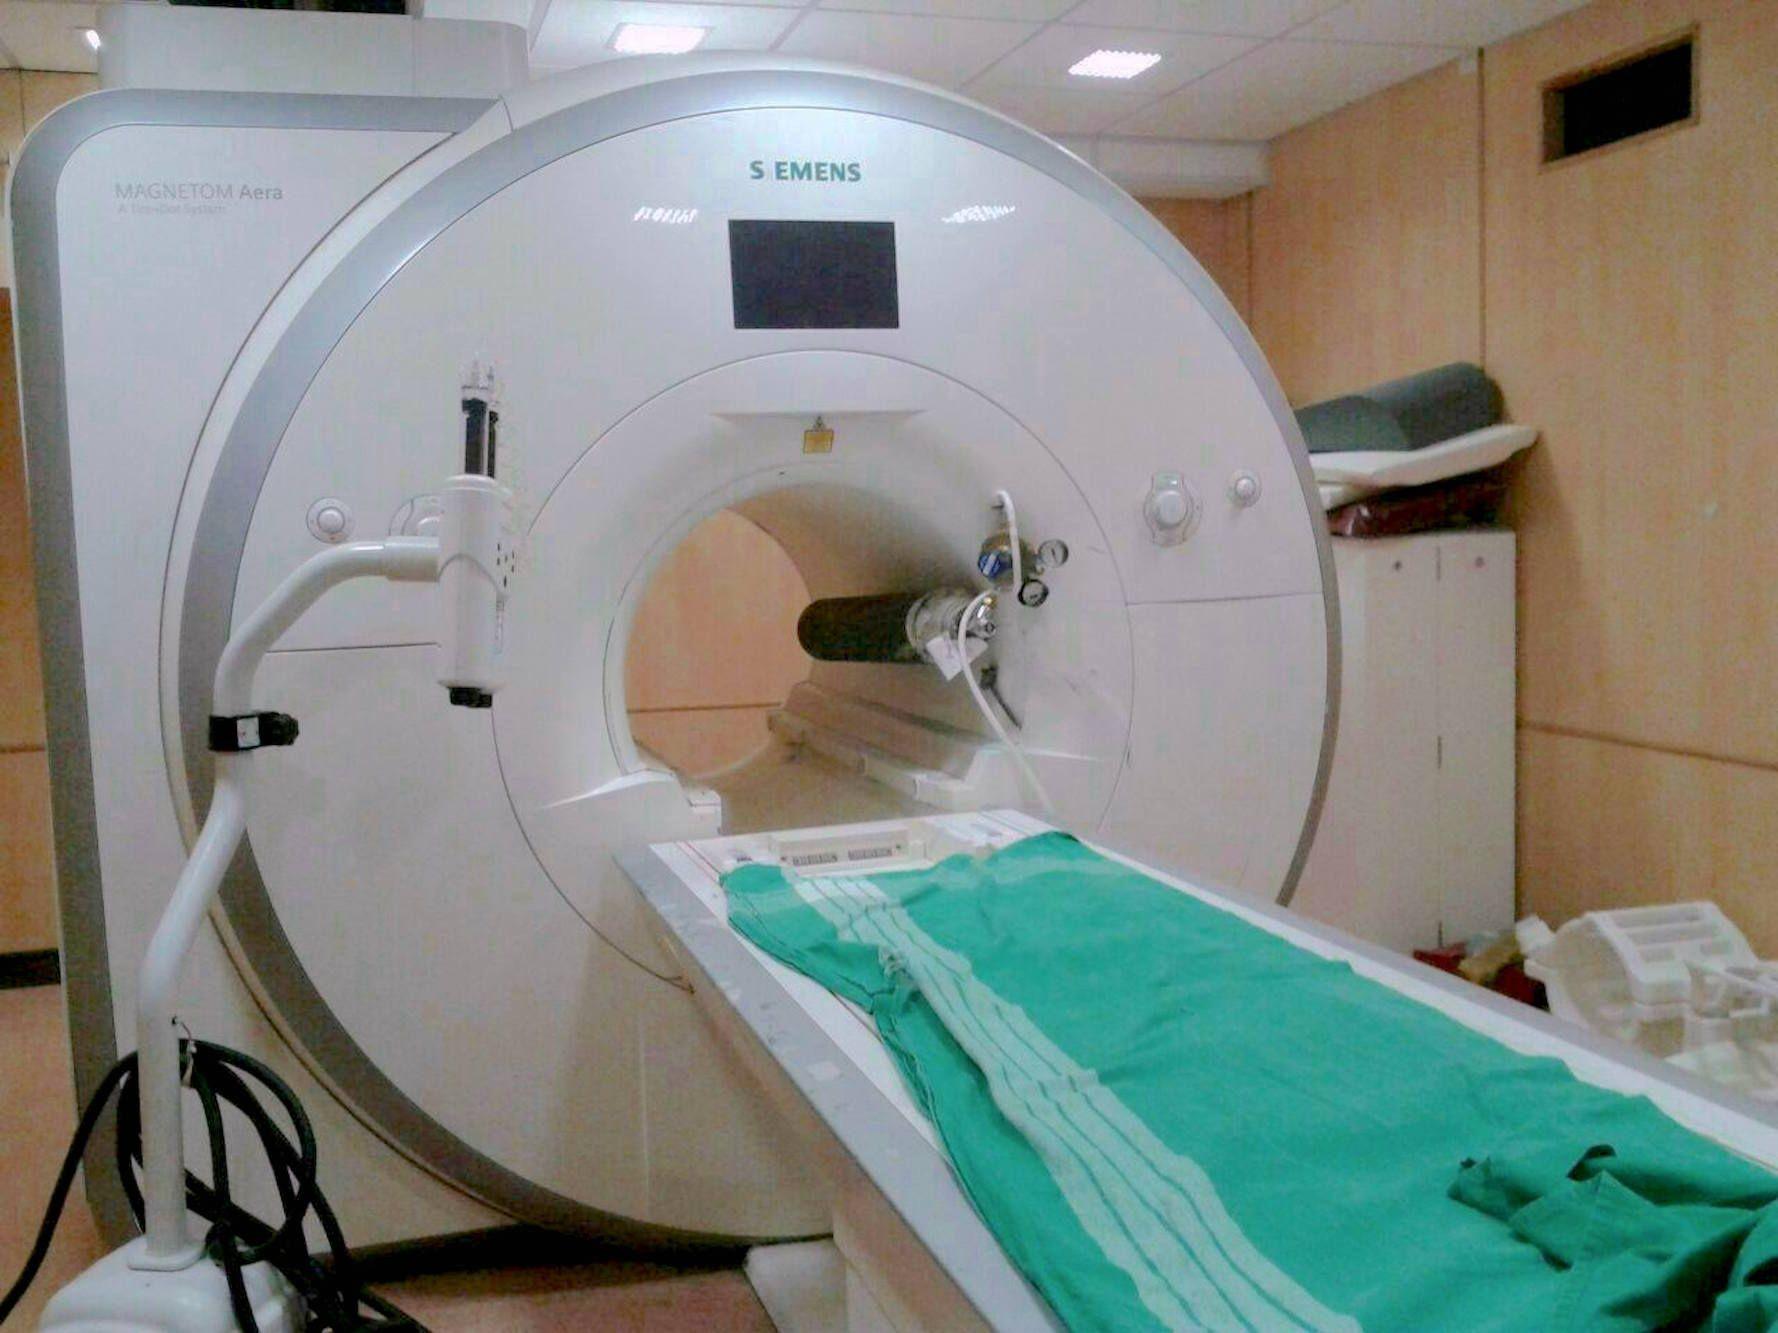 MRI Safety Home appliances, Washing machine, Medicine